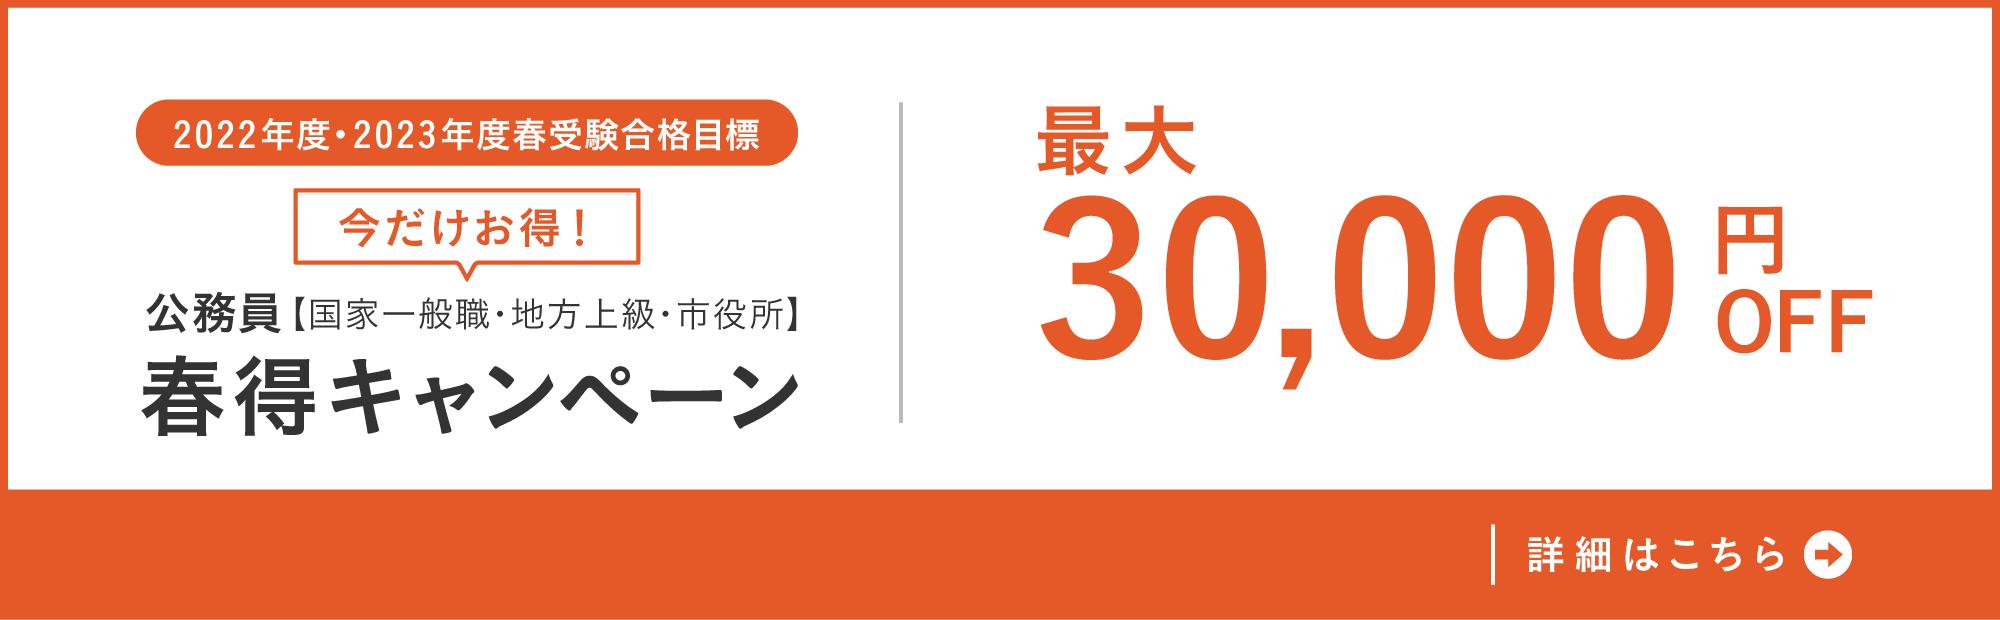 春得キャンペーン最大30,000円OFF